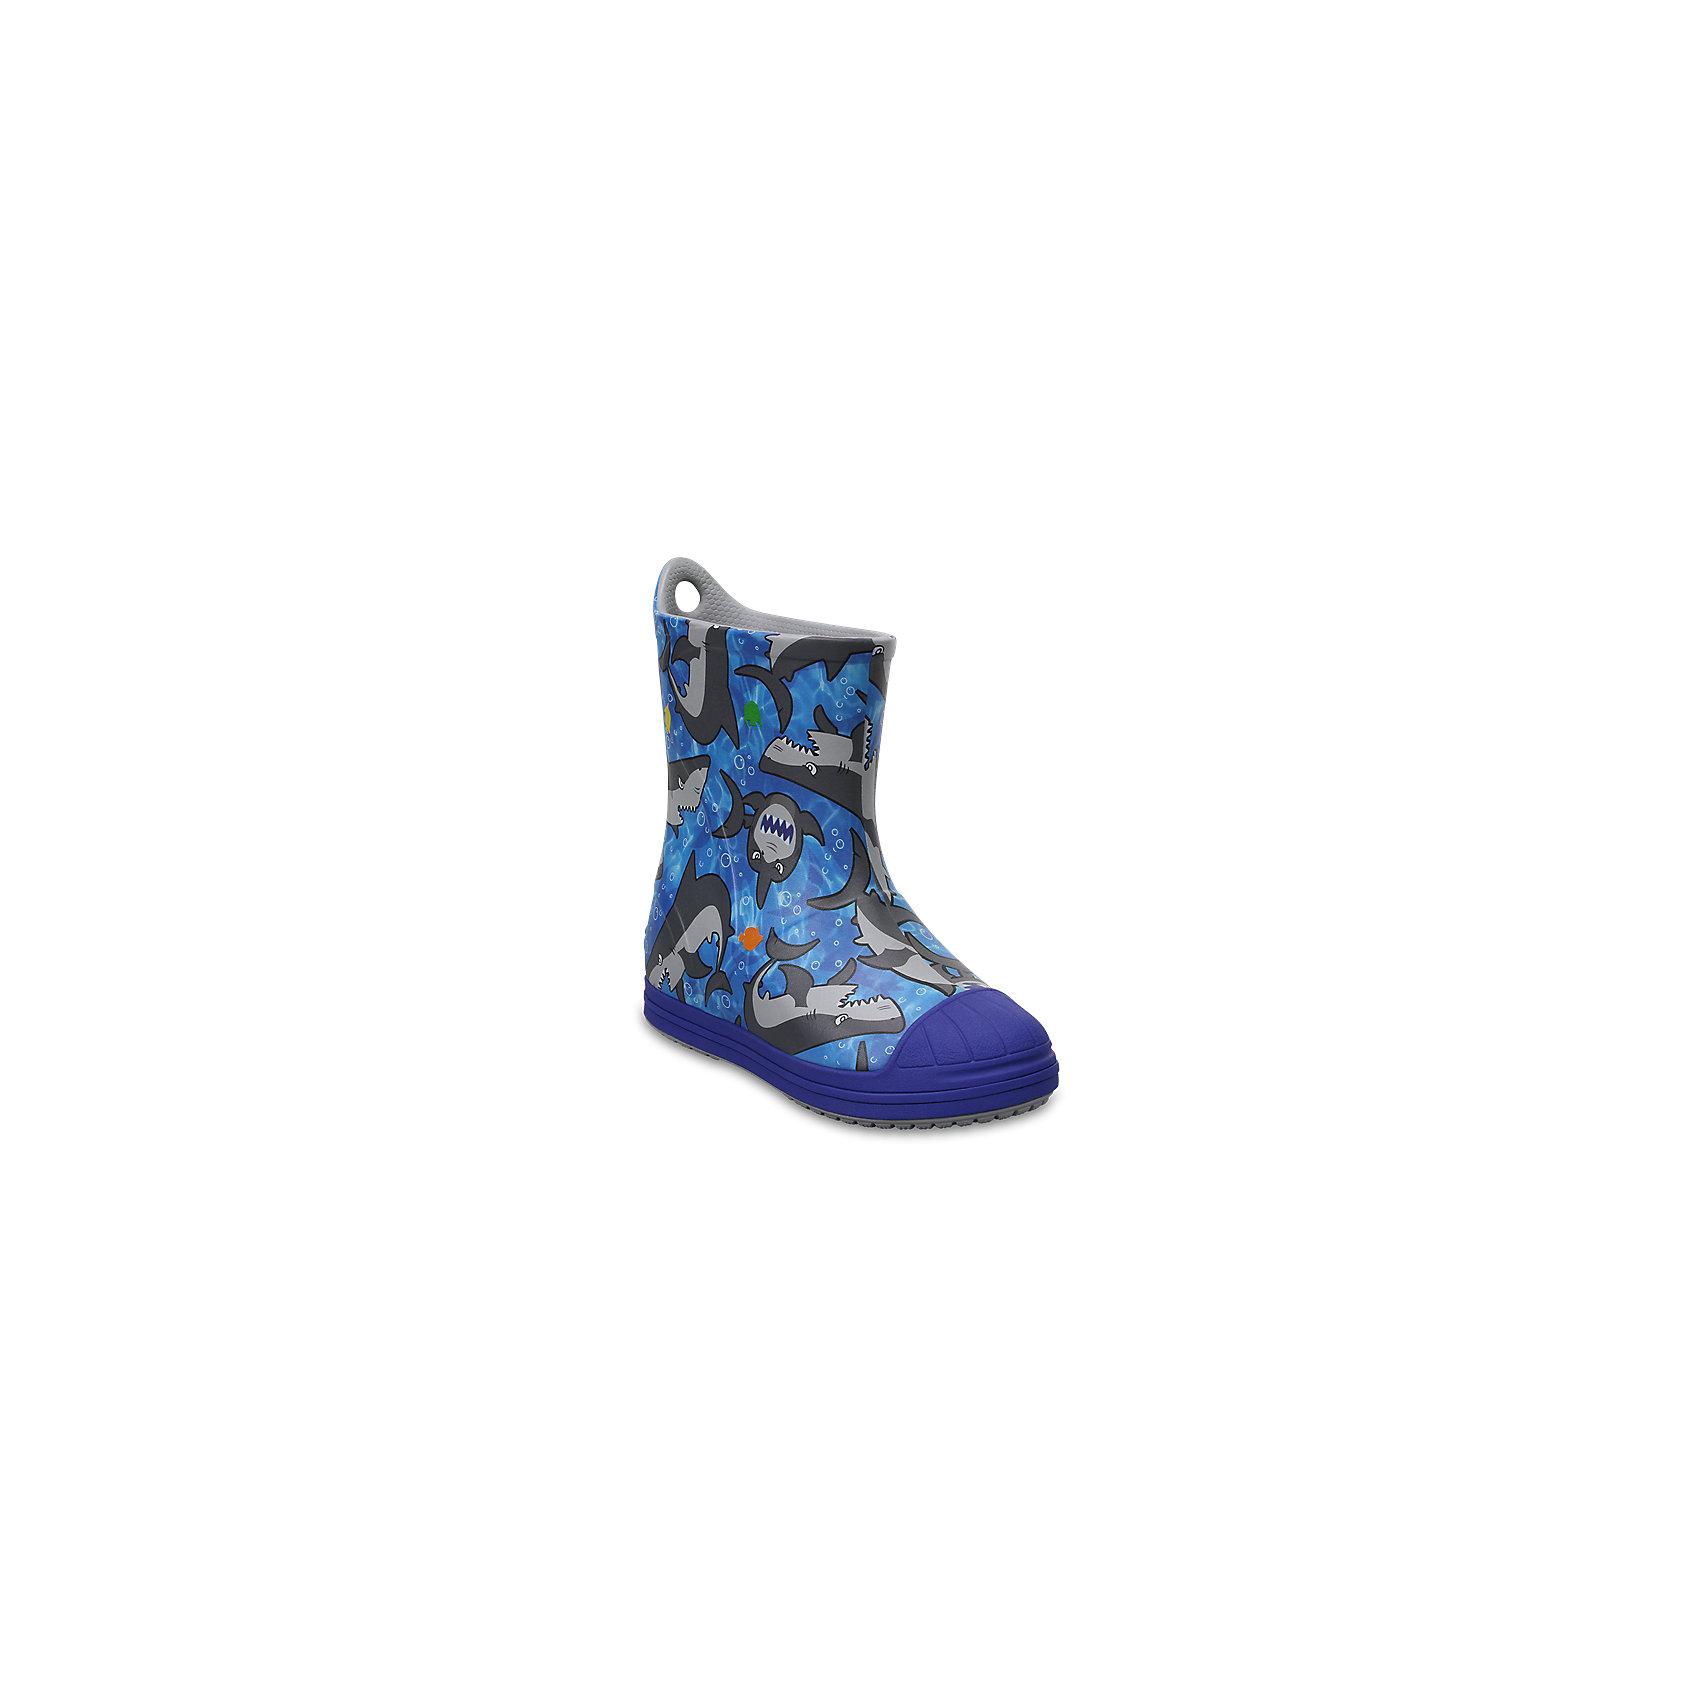 Резиновые сапогиKids' Crocs Bump It Graphic Rain Boot, синийПляжная обувь<br>Характеристики товара:<br><br>• цвет: синий<br>• принт: Акула<br>• сезон: демисезон, лето<br>• материал: 100% полимер Croslite™<br>• непромокаемые<br>• температурный режим: от 0° до +20° С<br>• легко очищаются<br>• антискользящая подошва<br>• язычок для удобного надевания<br>• толстая устойчивая подошва<br>• страна бренда: США<br>• страна изготовитель: Китай<br><br>Сапоги могут быть и стильными, и непромокаемыми! <br><br>Для детской обуви крайне важно, чтобы она была удобной. <br><br>Такие сапоги обеспечивают детям необходимый комфорт, а надежный материал не пропускает внутрь воду. <br><br>Сапоги легко надеваются и снимаются, отлично сидят на ноге. <br><br>Материал, из которого они сделаны, не дает размножаться бактериям, поэтому такая обувь препятствует образованию неприятного запаха и появлению болезней стоп. <br><br>Данная модель особенно понравится детям - ведь в них можно бегать по лужам!<br><br>Резиновые сапоги Kids' Crocs Bump It Graphic Rain Boot от торговой марки Crocs можно купить в нашем интернет-магазине.<br><br>Ширина мм: 237<br>Глубина мм: 180<br>Высота мм: 152<br>Вес г: 438<br>Цвет: синий<br>Возраст от месяцев: 60<br>Возраст до месяцев: 72<br>Пол: Унисекс<br>Возраст: Детский<br>Размер: 29,30,23,24,25,26,31/32,33/34,34/35,27,28<br>SKU: 5416748